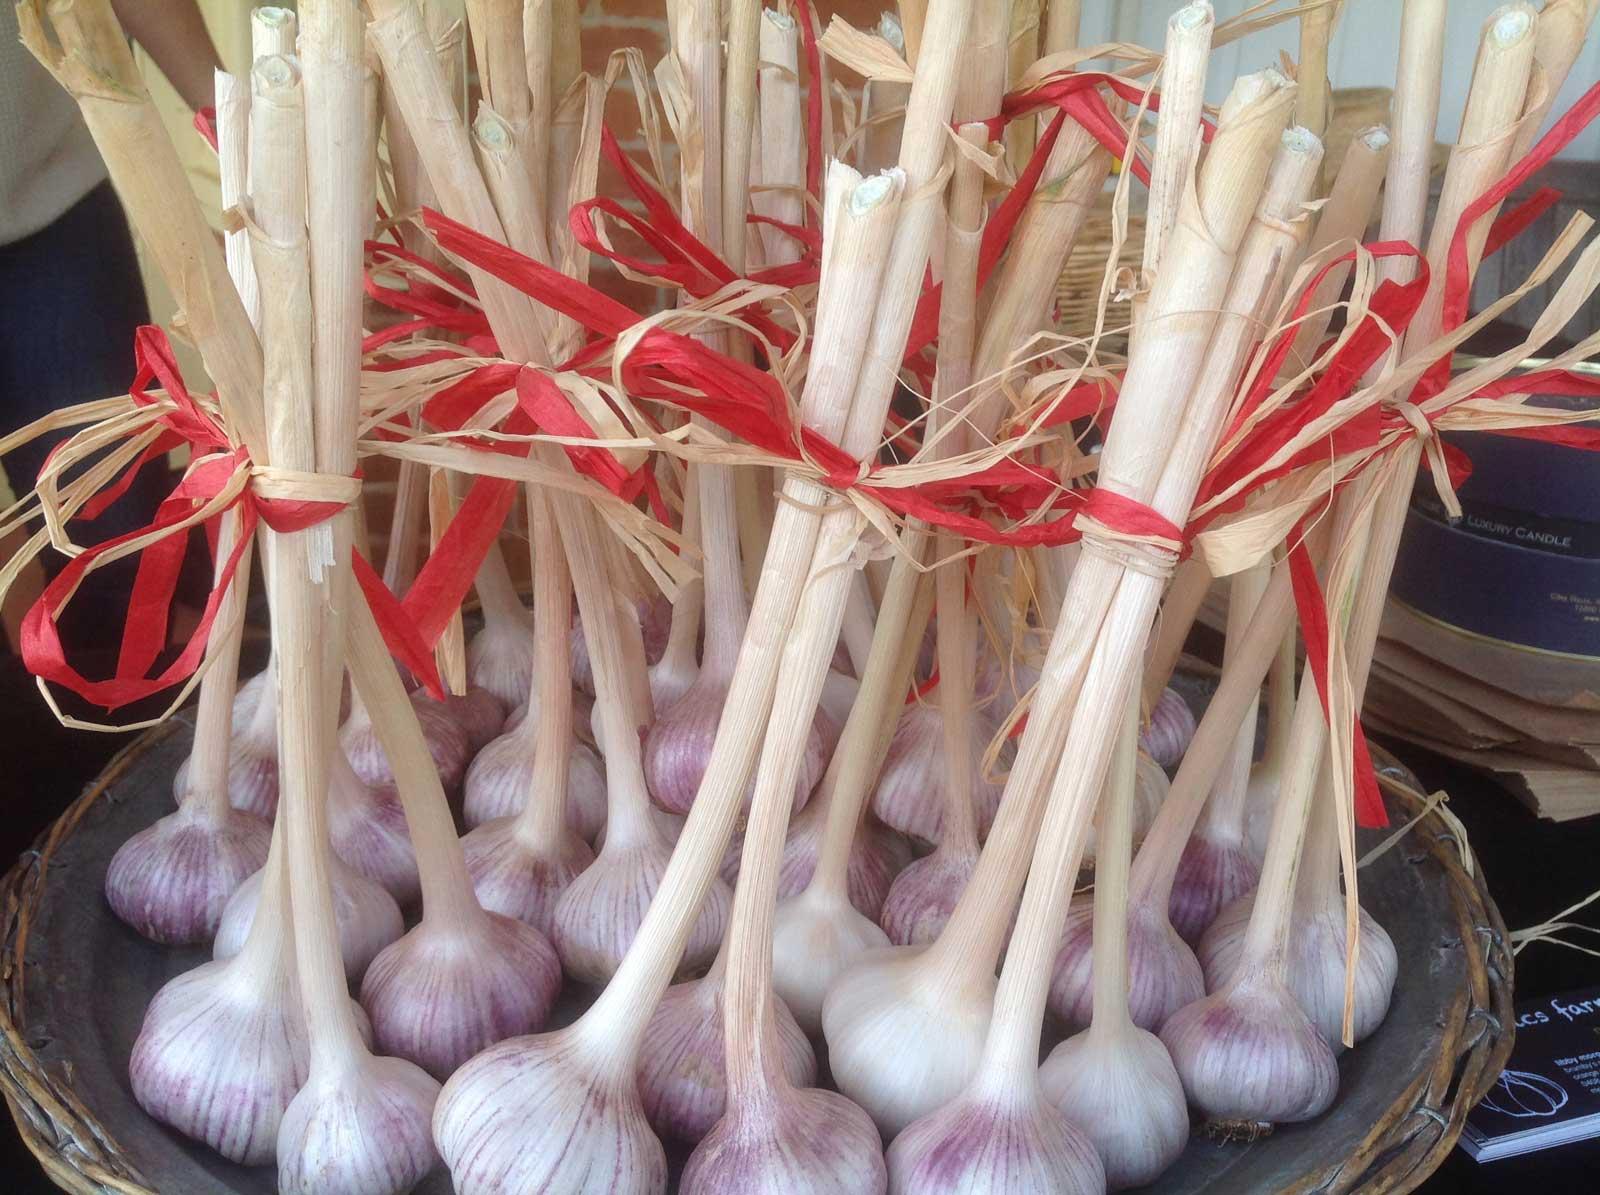 bundles-of-organic-garlic-morganics-farm.jpg